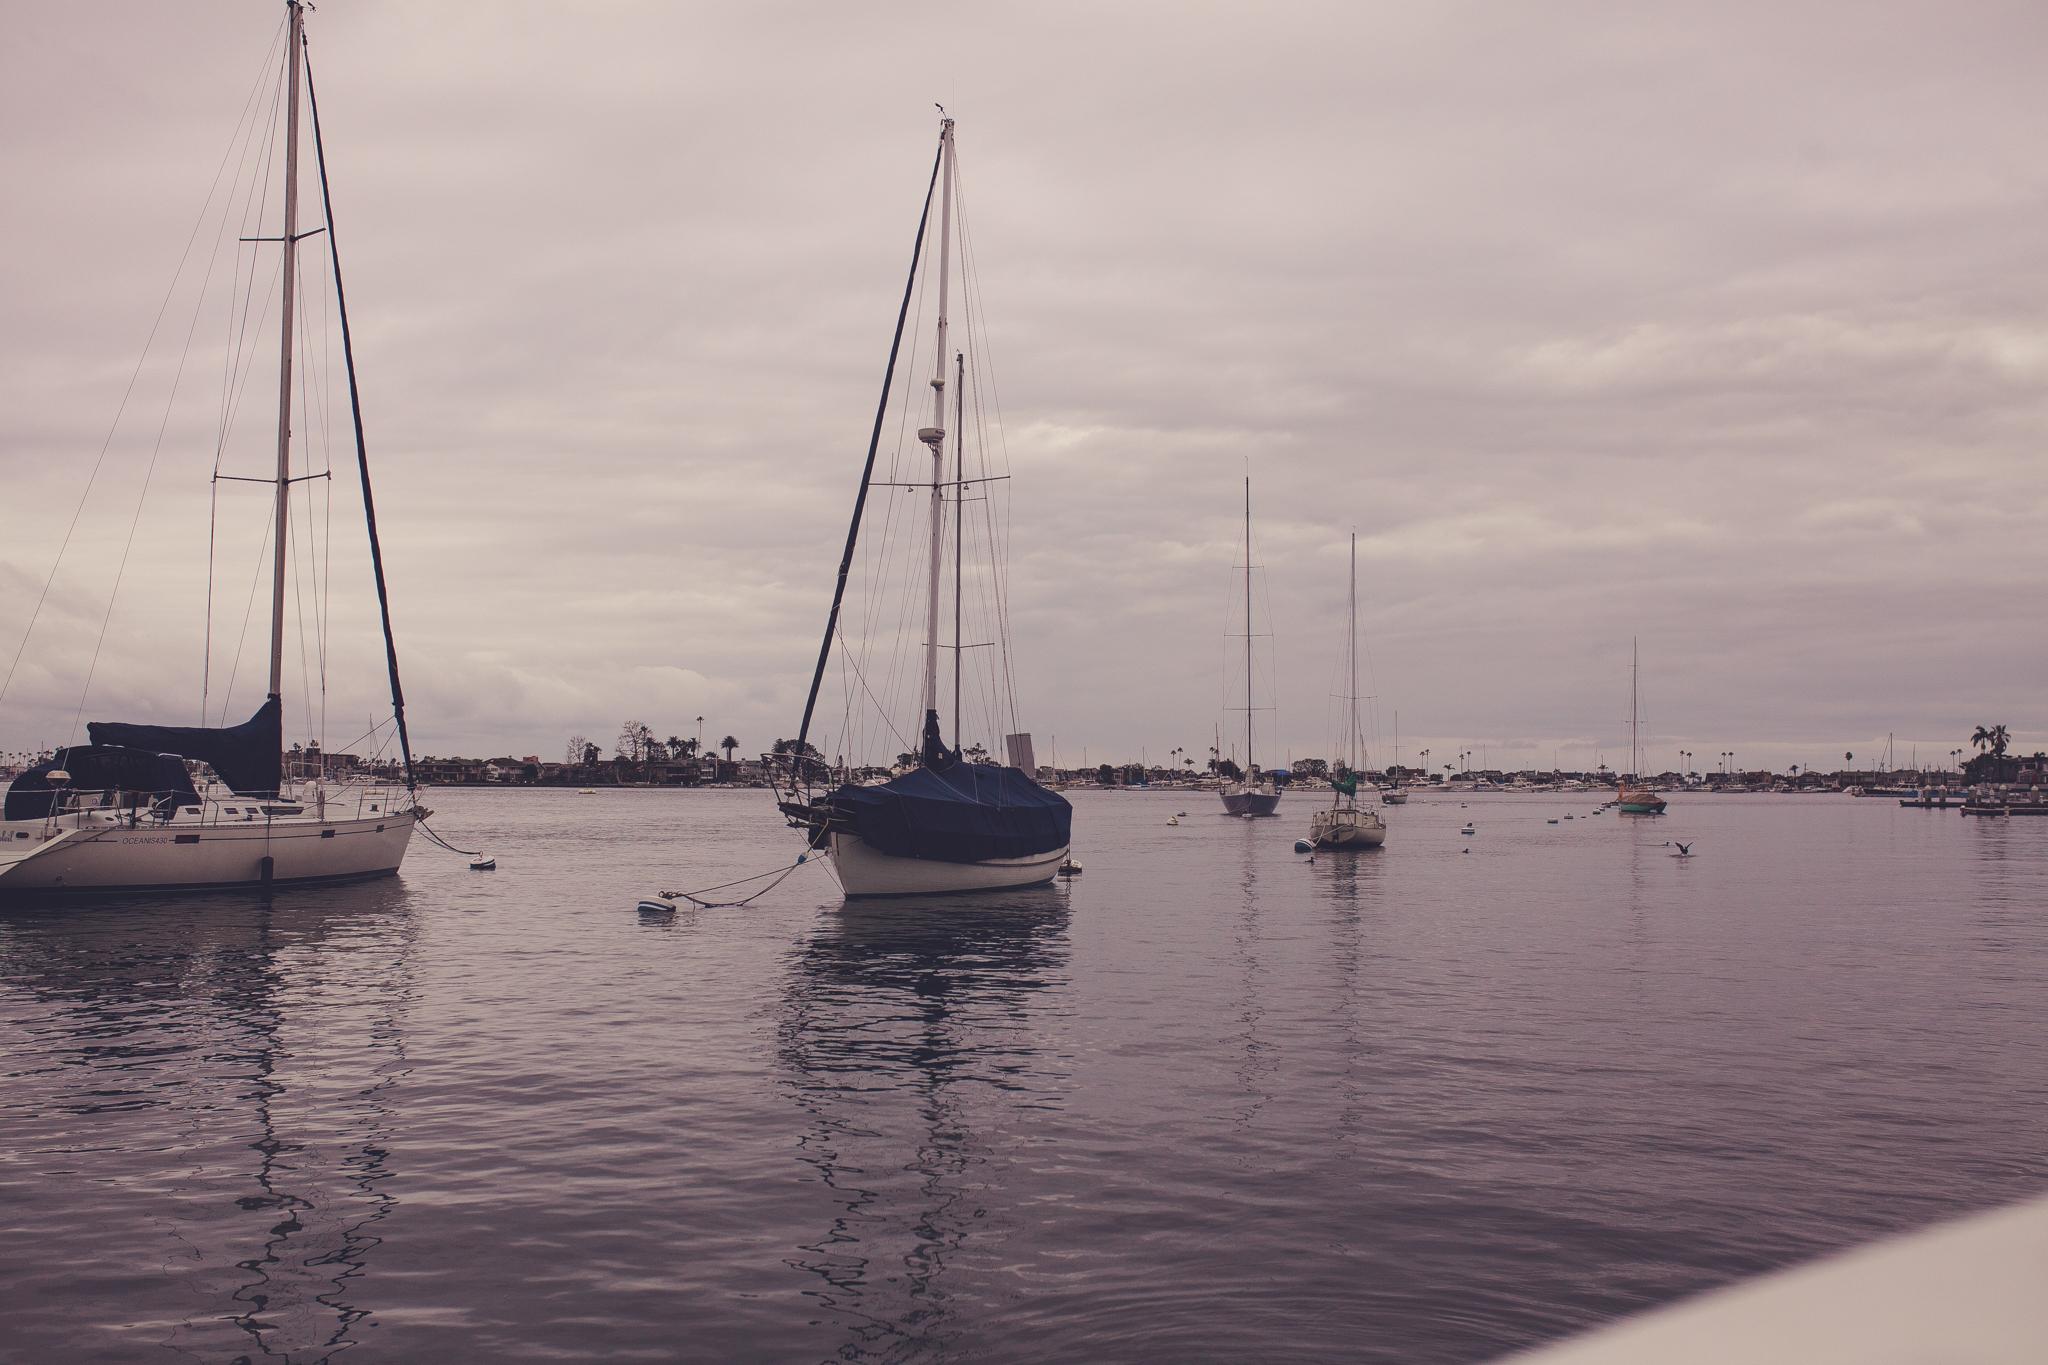 Very memorable boat trips at Newport beach.